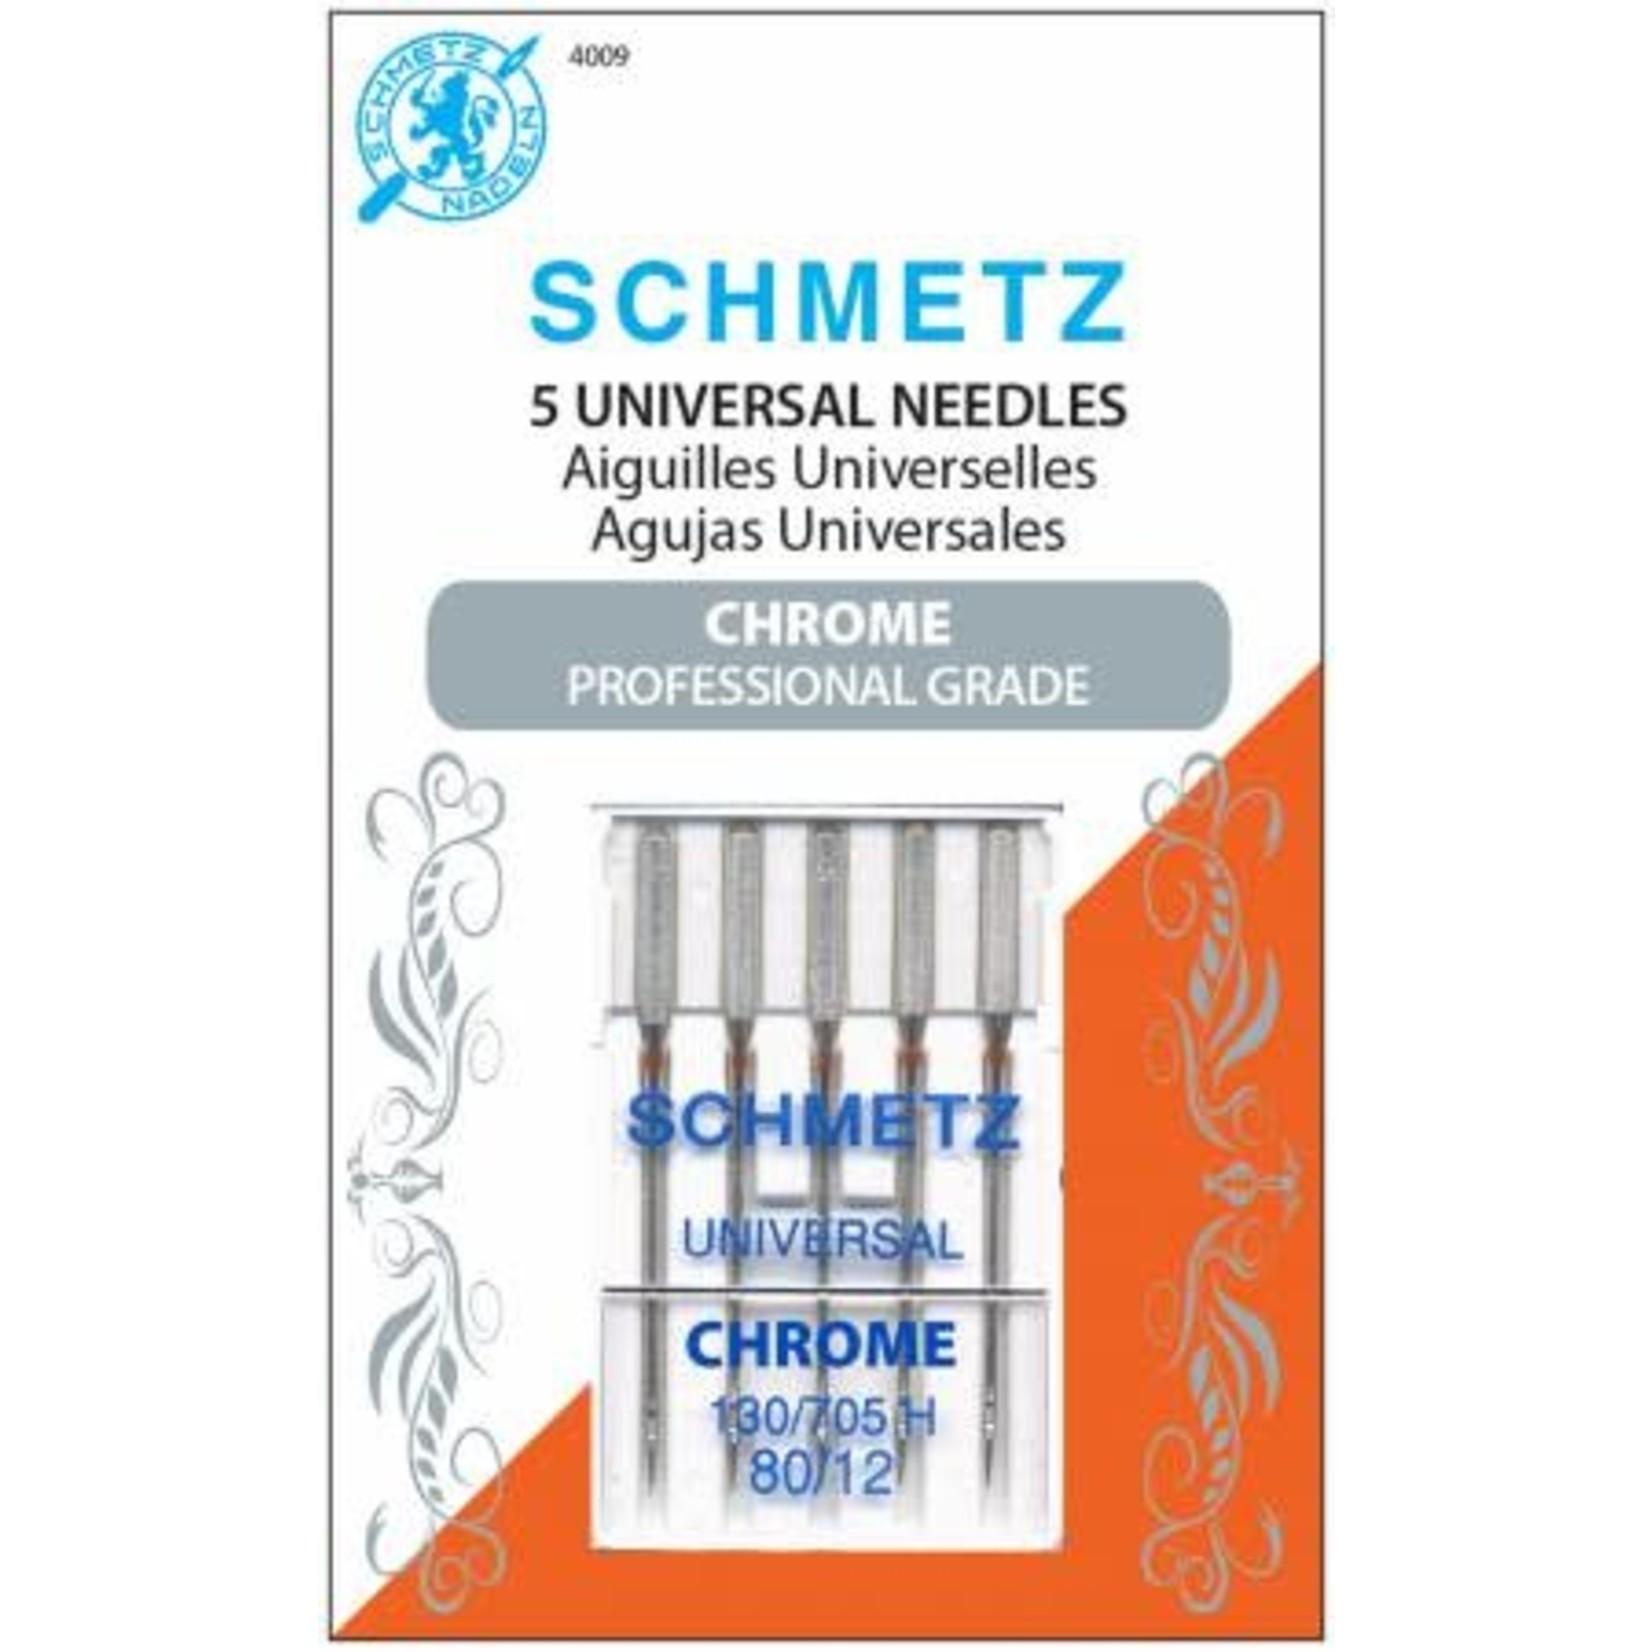 Schmetz Naaimachinenaalden - Universal - 80/12 - Chrome - 5 stuks